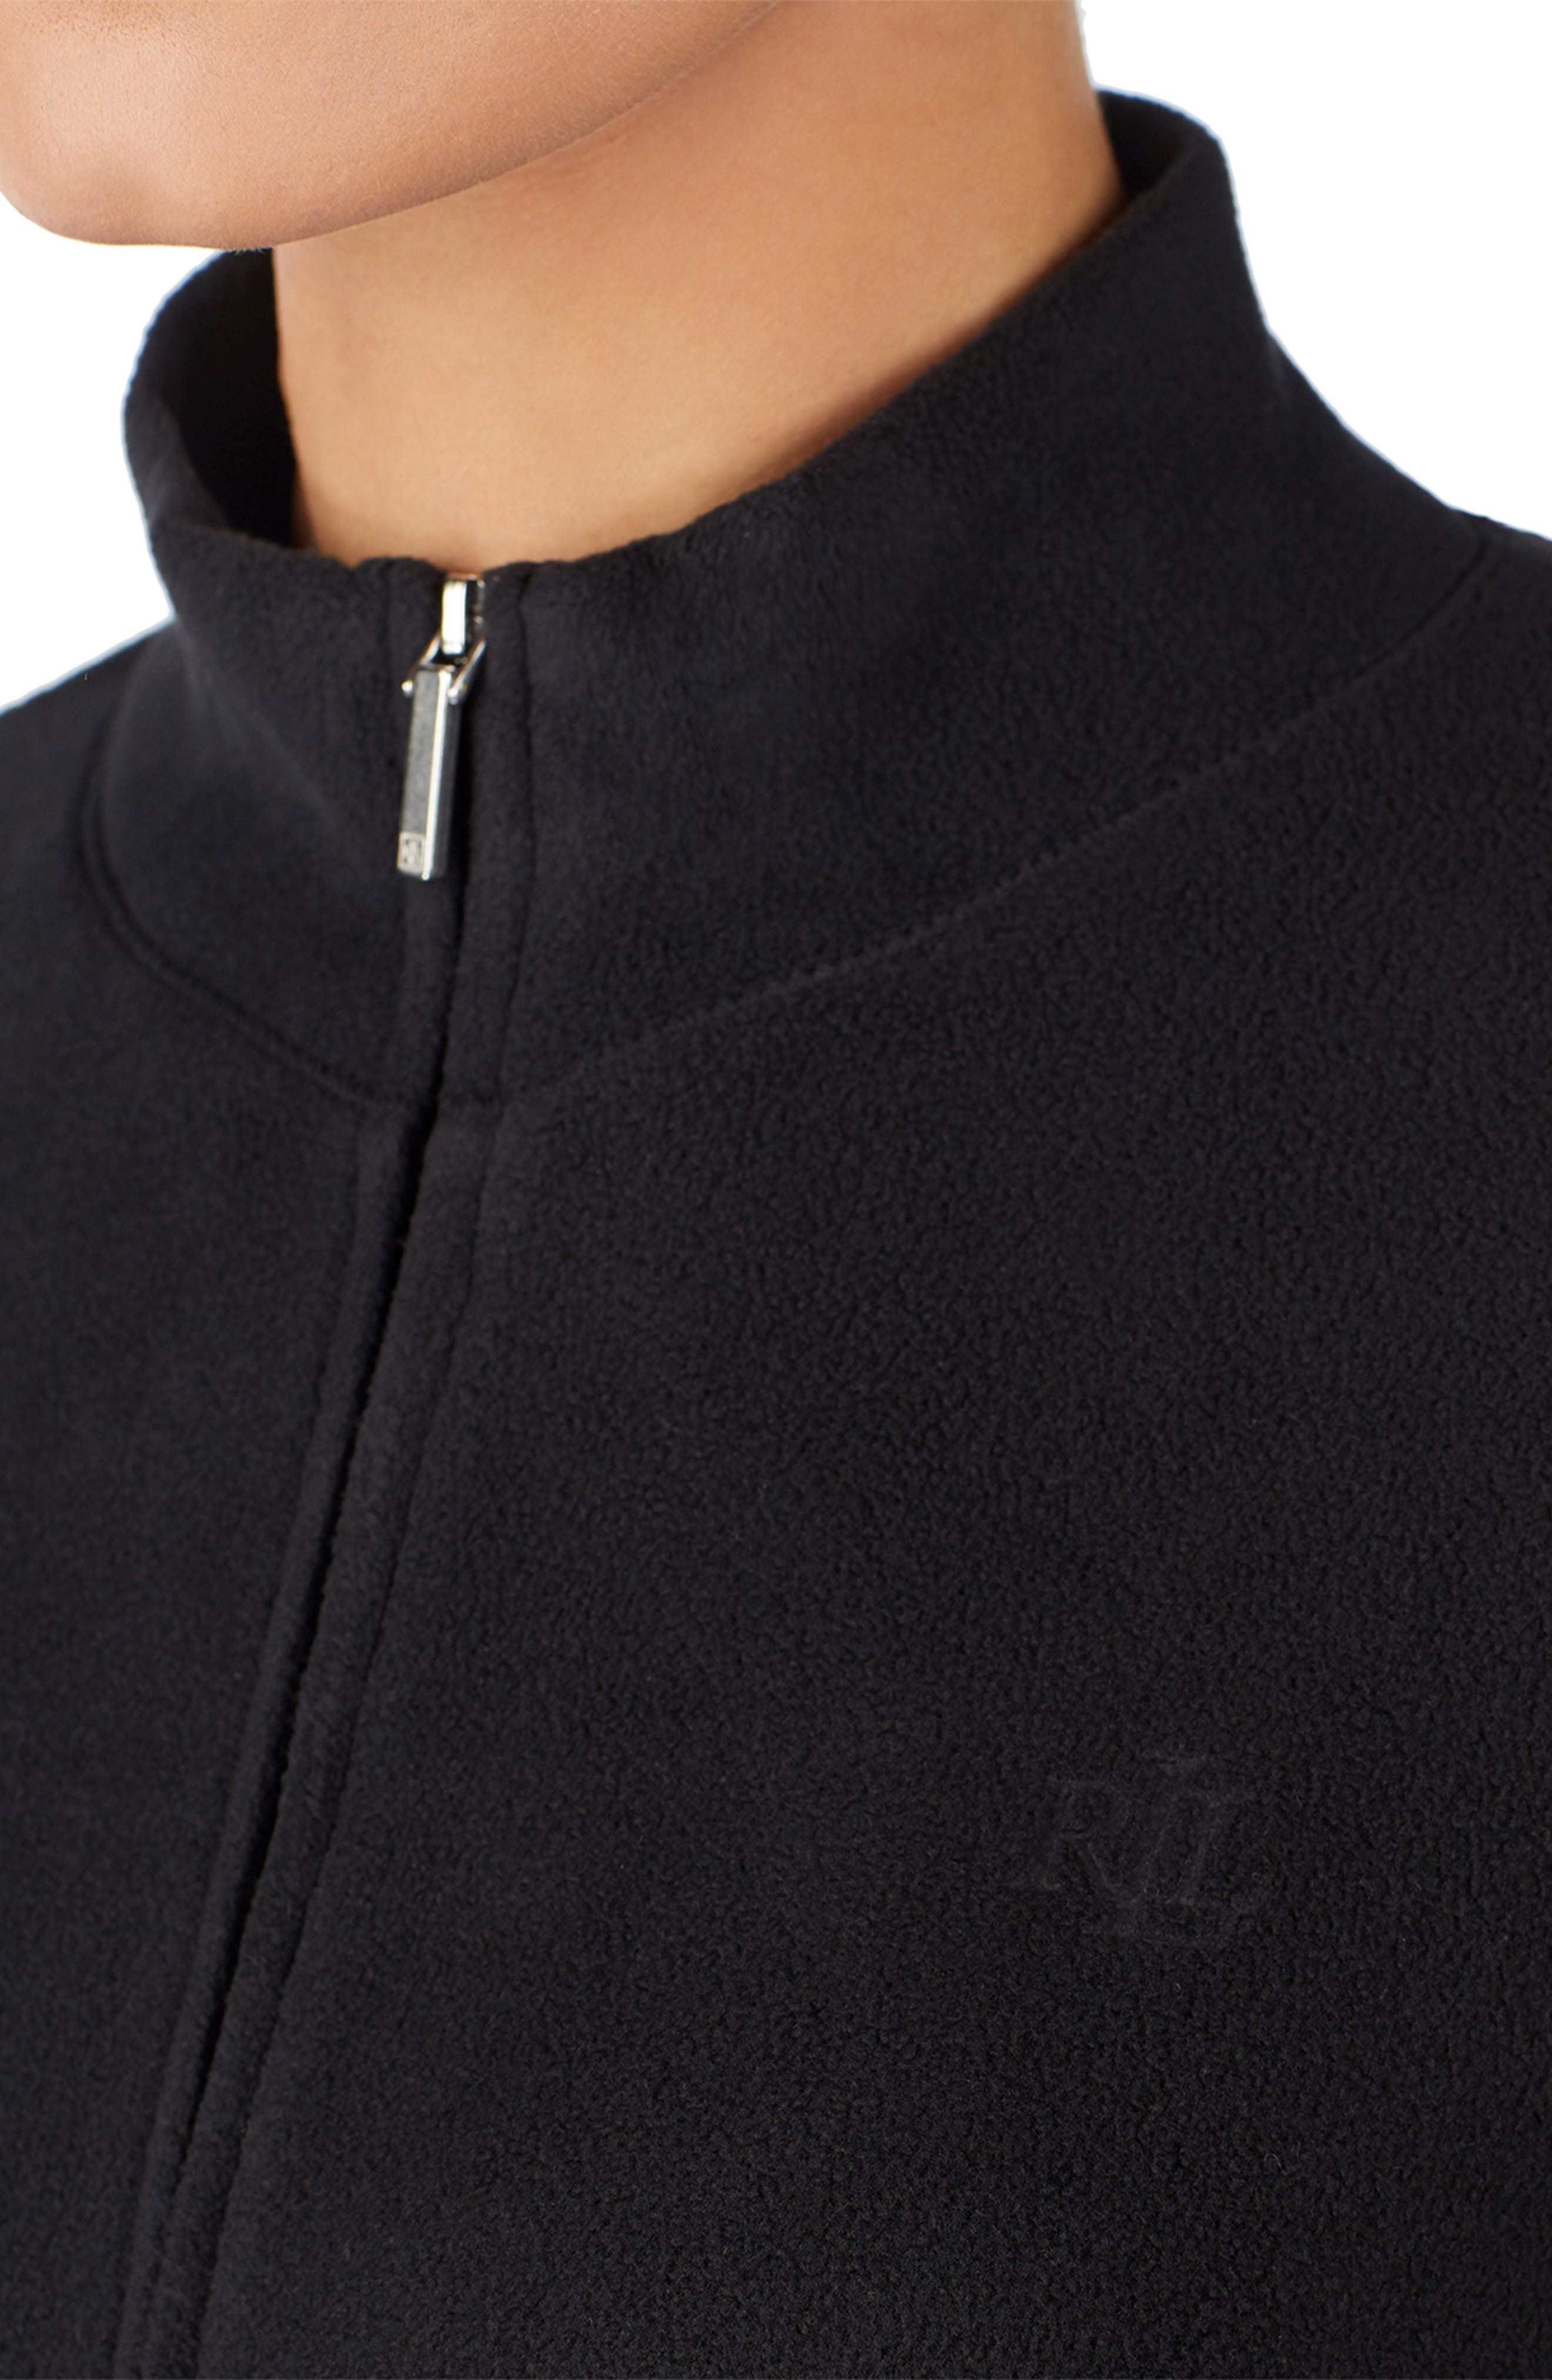 LAUREN RALPH LAUREN,                             Zip Jacket,                             Alternate thumbnail 4, color,                             BLACK